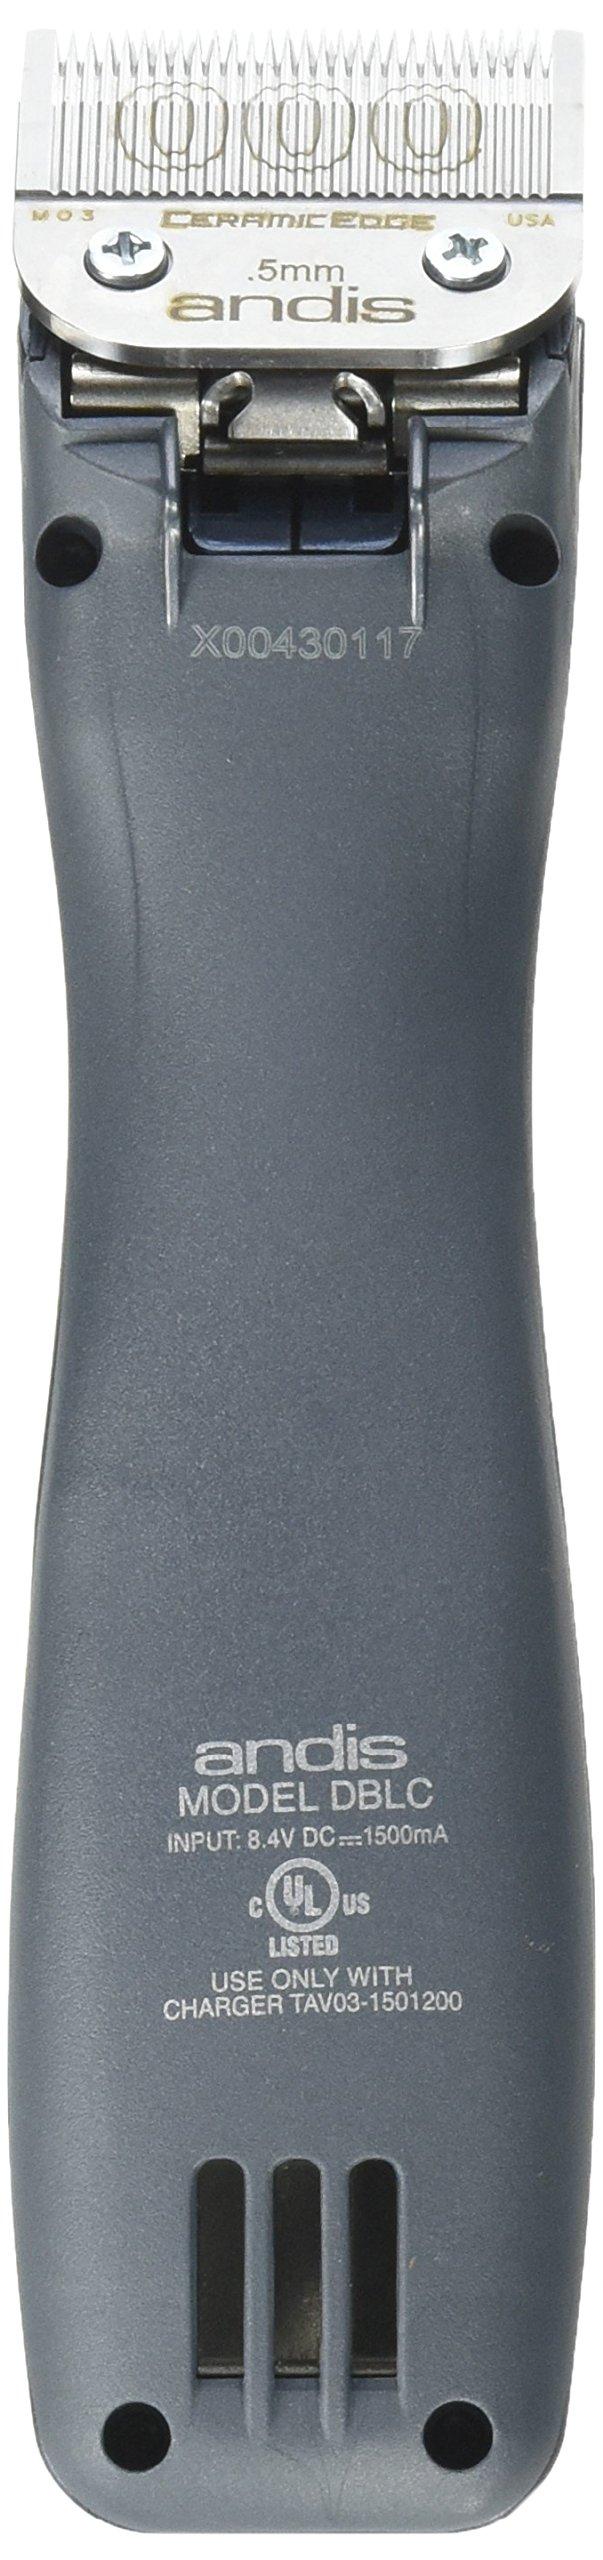 Andis Supra ZR Cordless Ion Clipper DBLC 79000